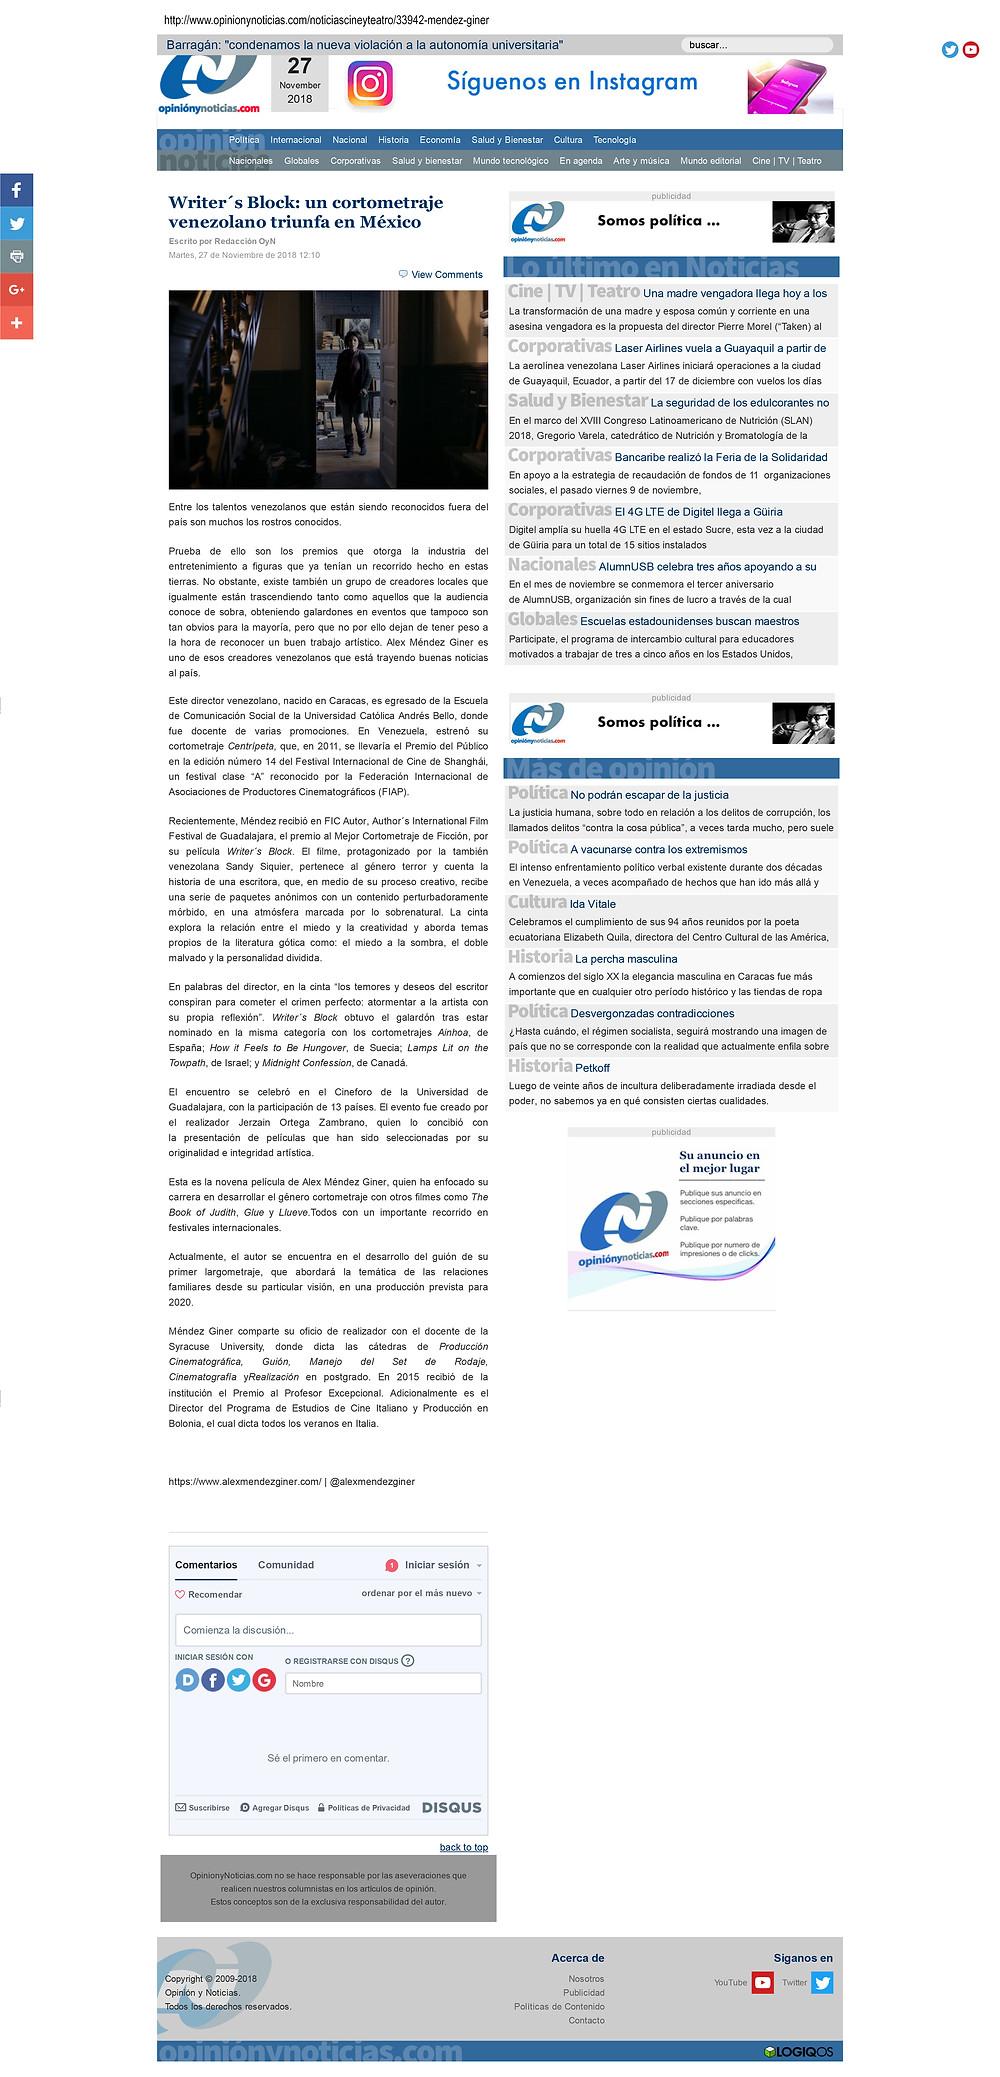 Writer's Block Featured in Opinión y Noticias.com